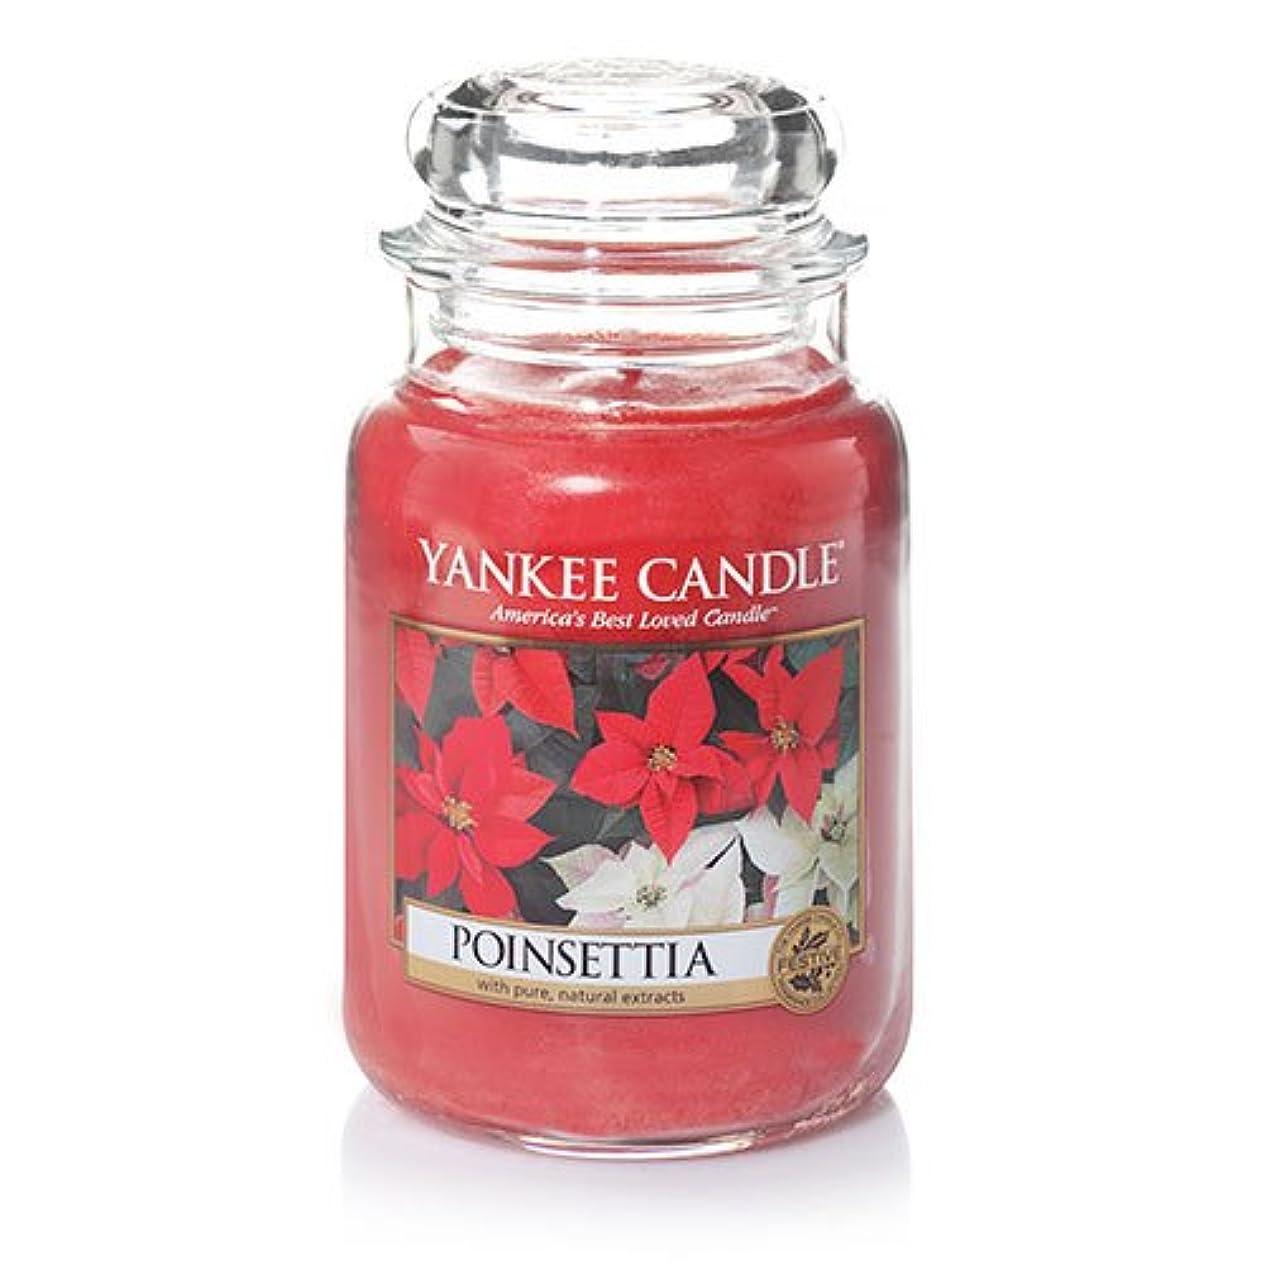 付録ウェイター同級生YankeeキャンドルポインセチアLarge Jar Candle、新鮮な香り